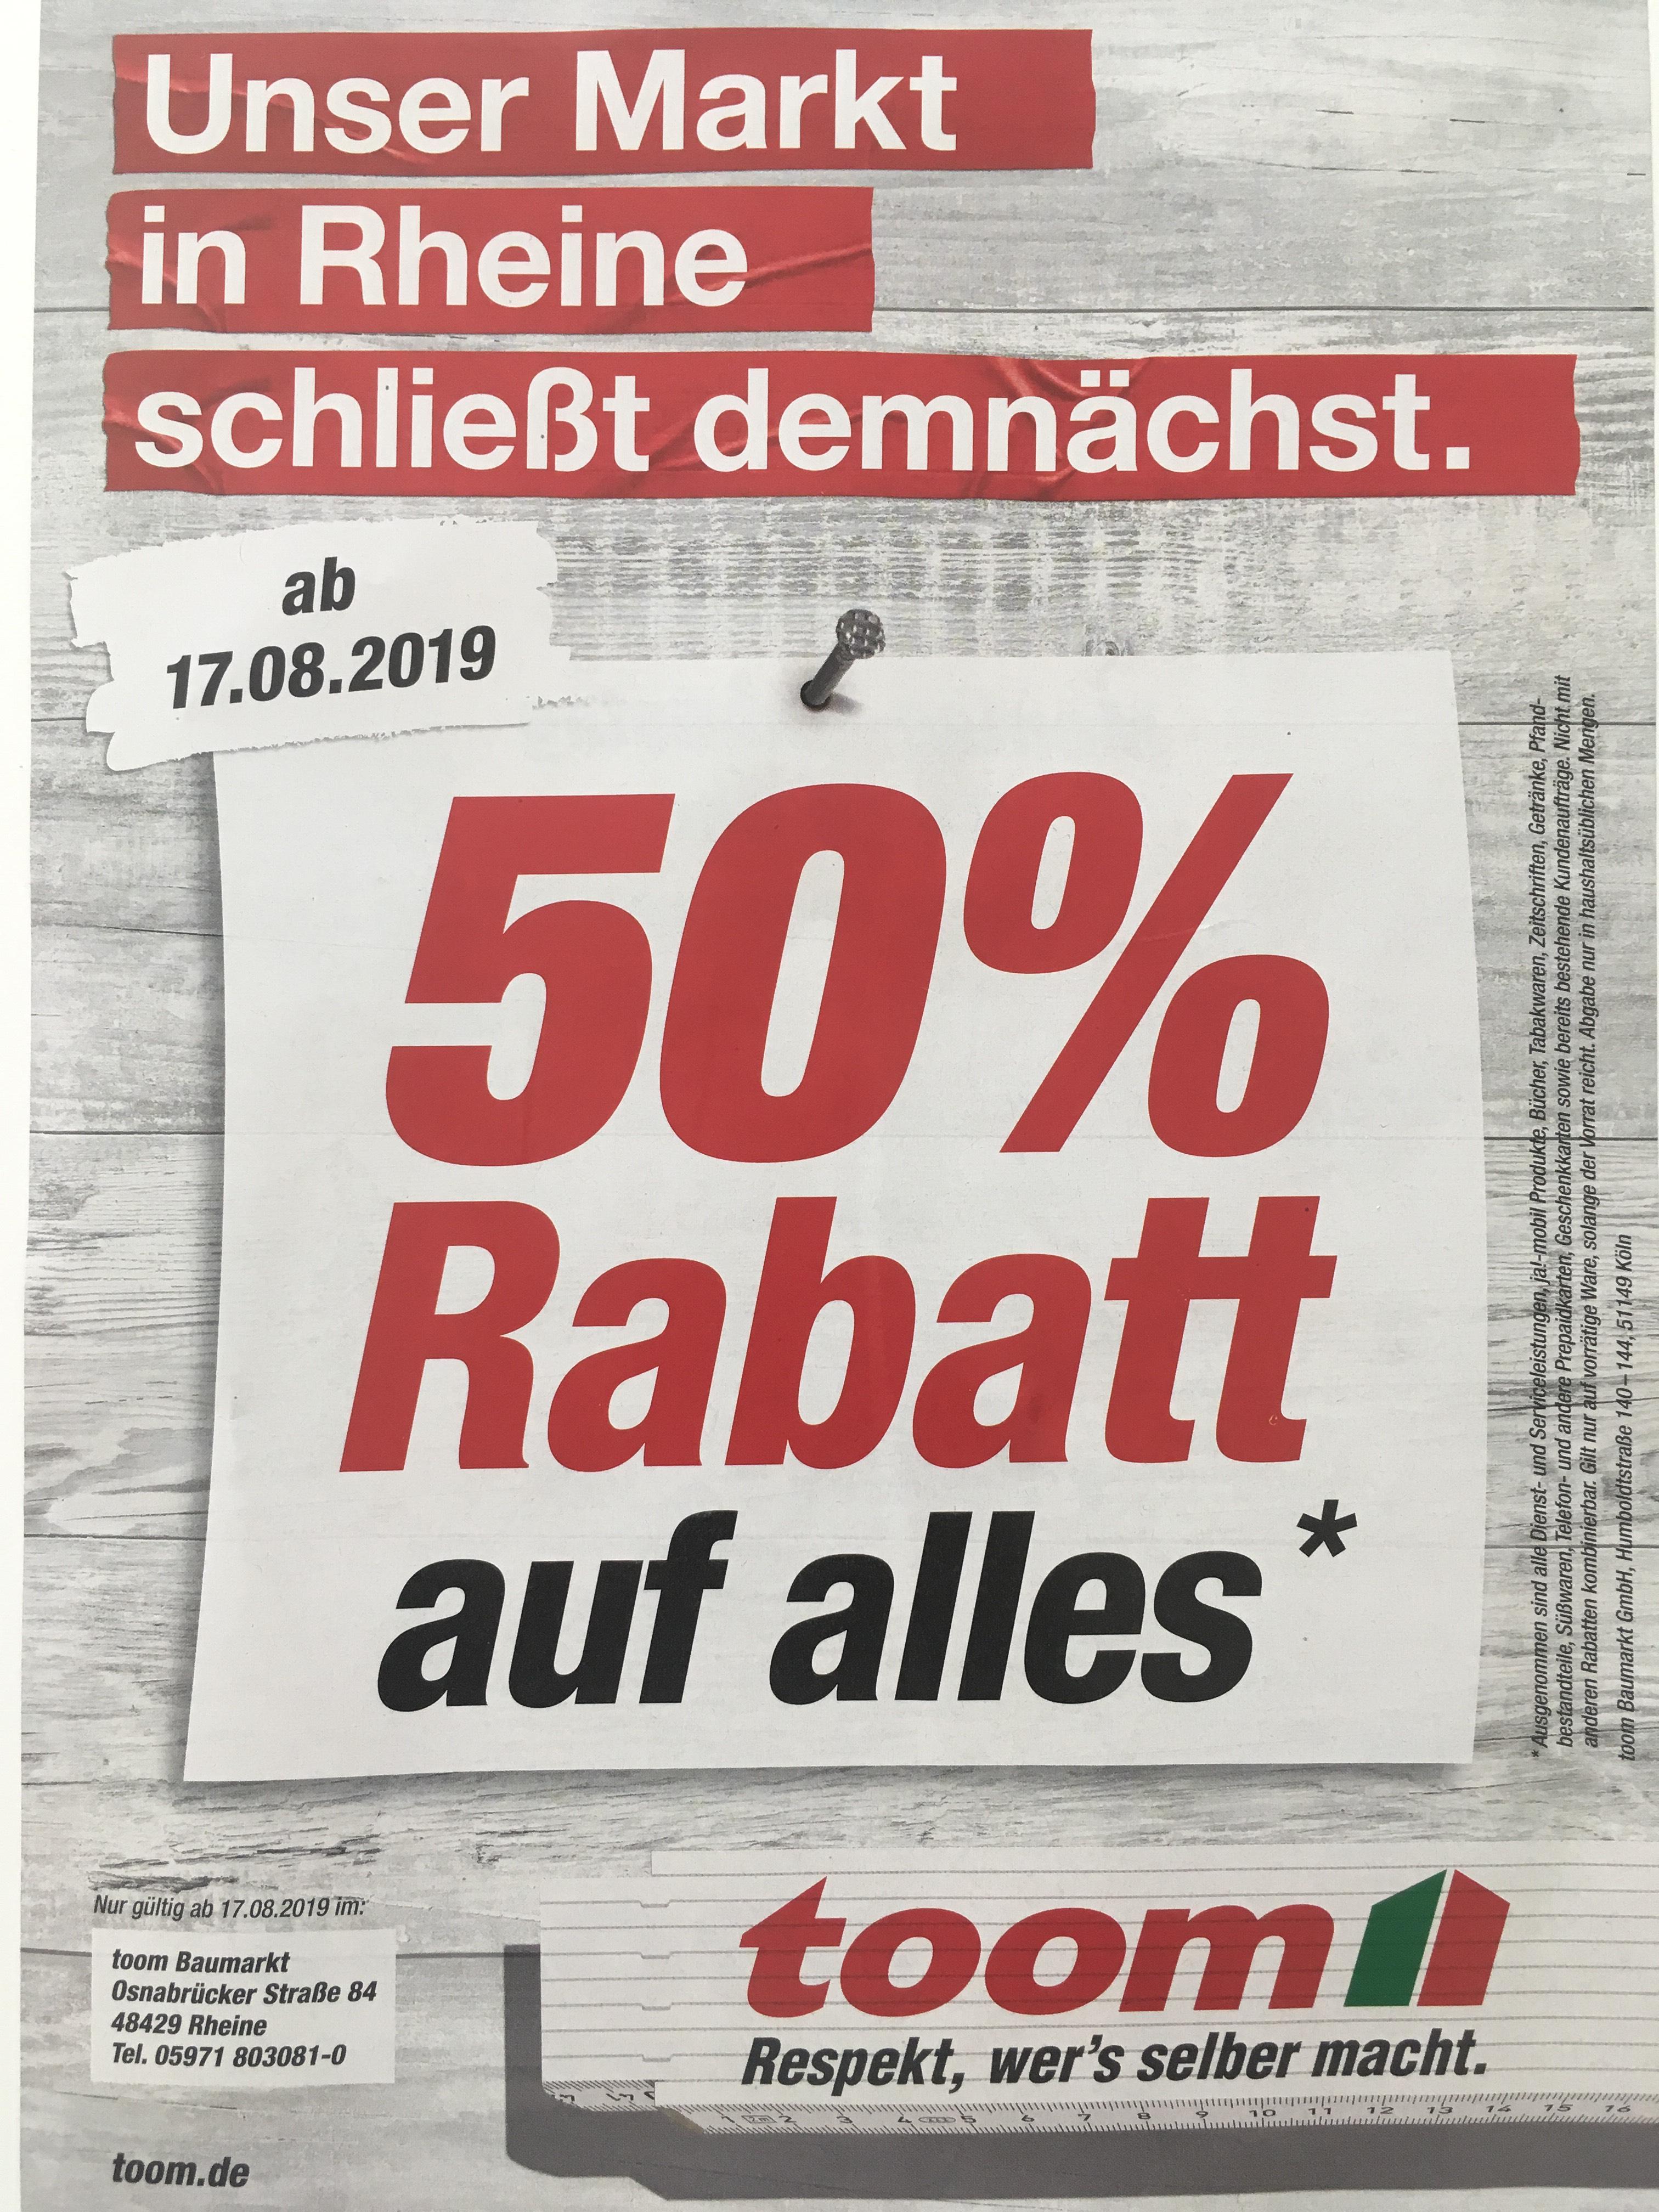 Lokal - Rheine - 50% auf alles bei Toom